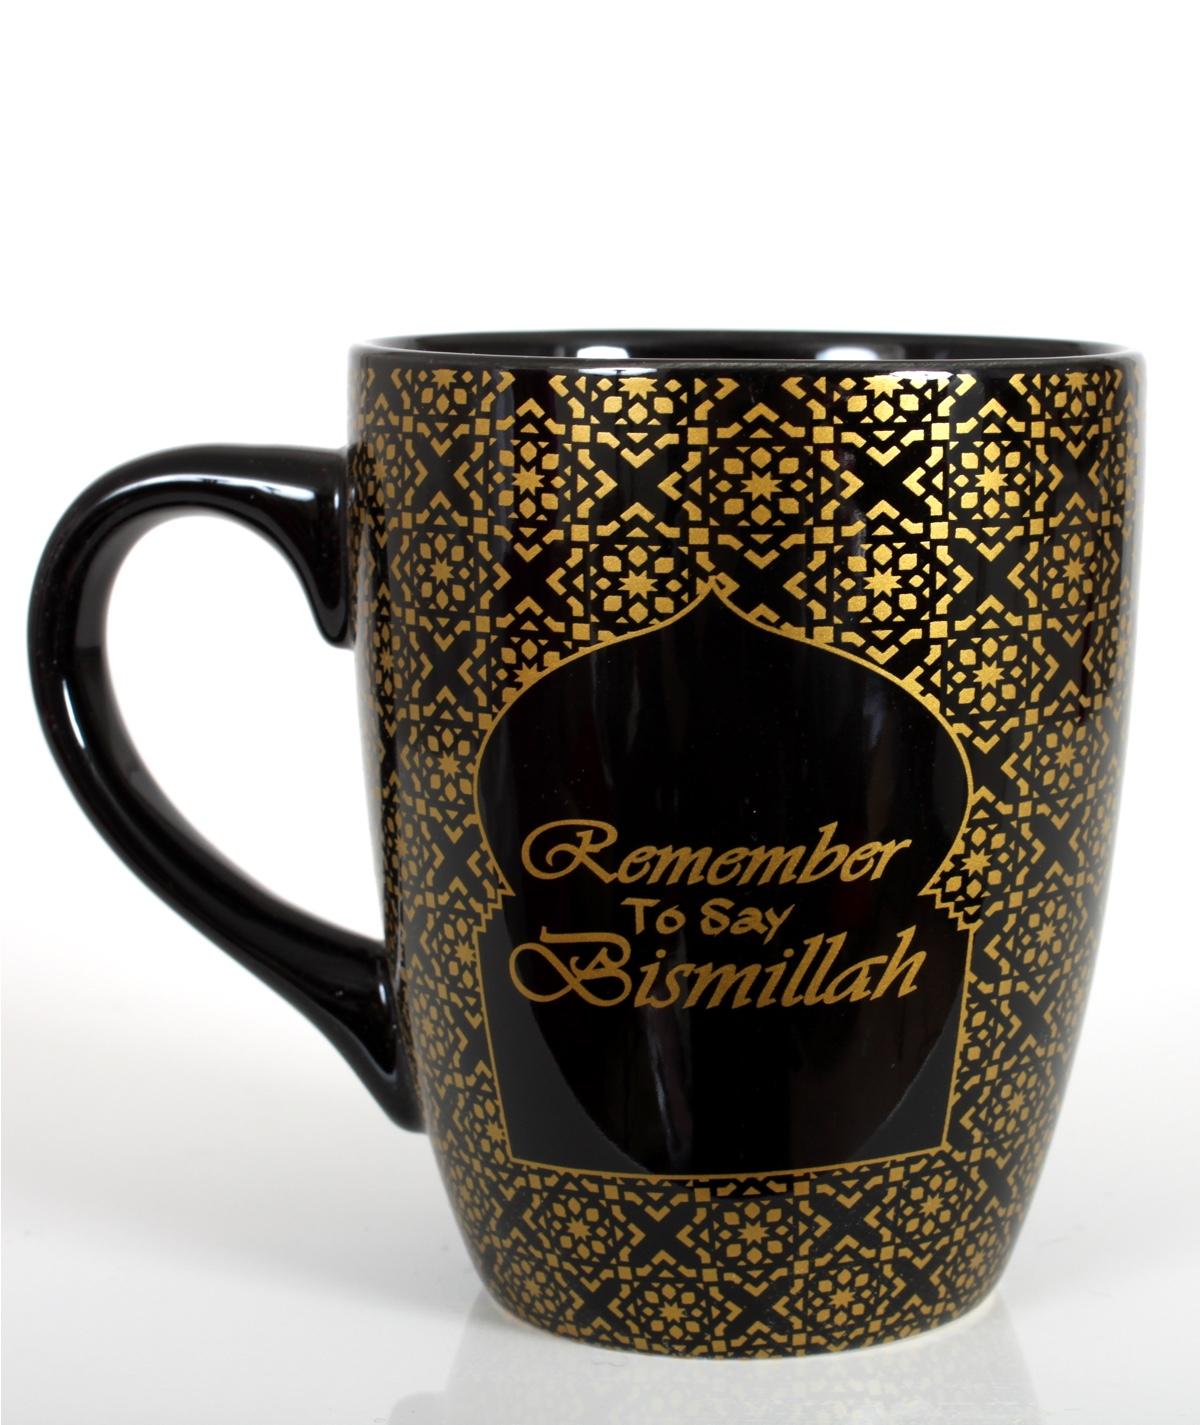 Remember To Say Bismillah Svart